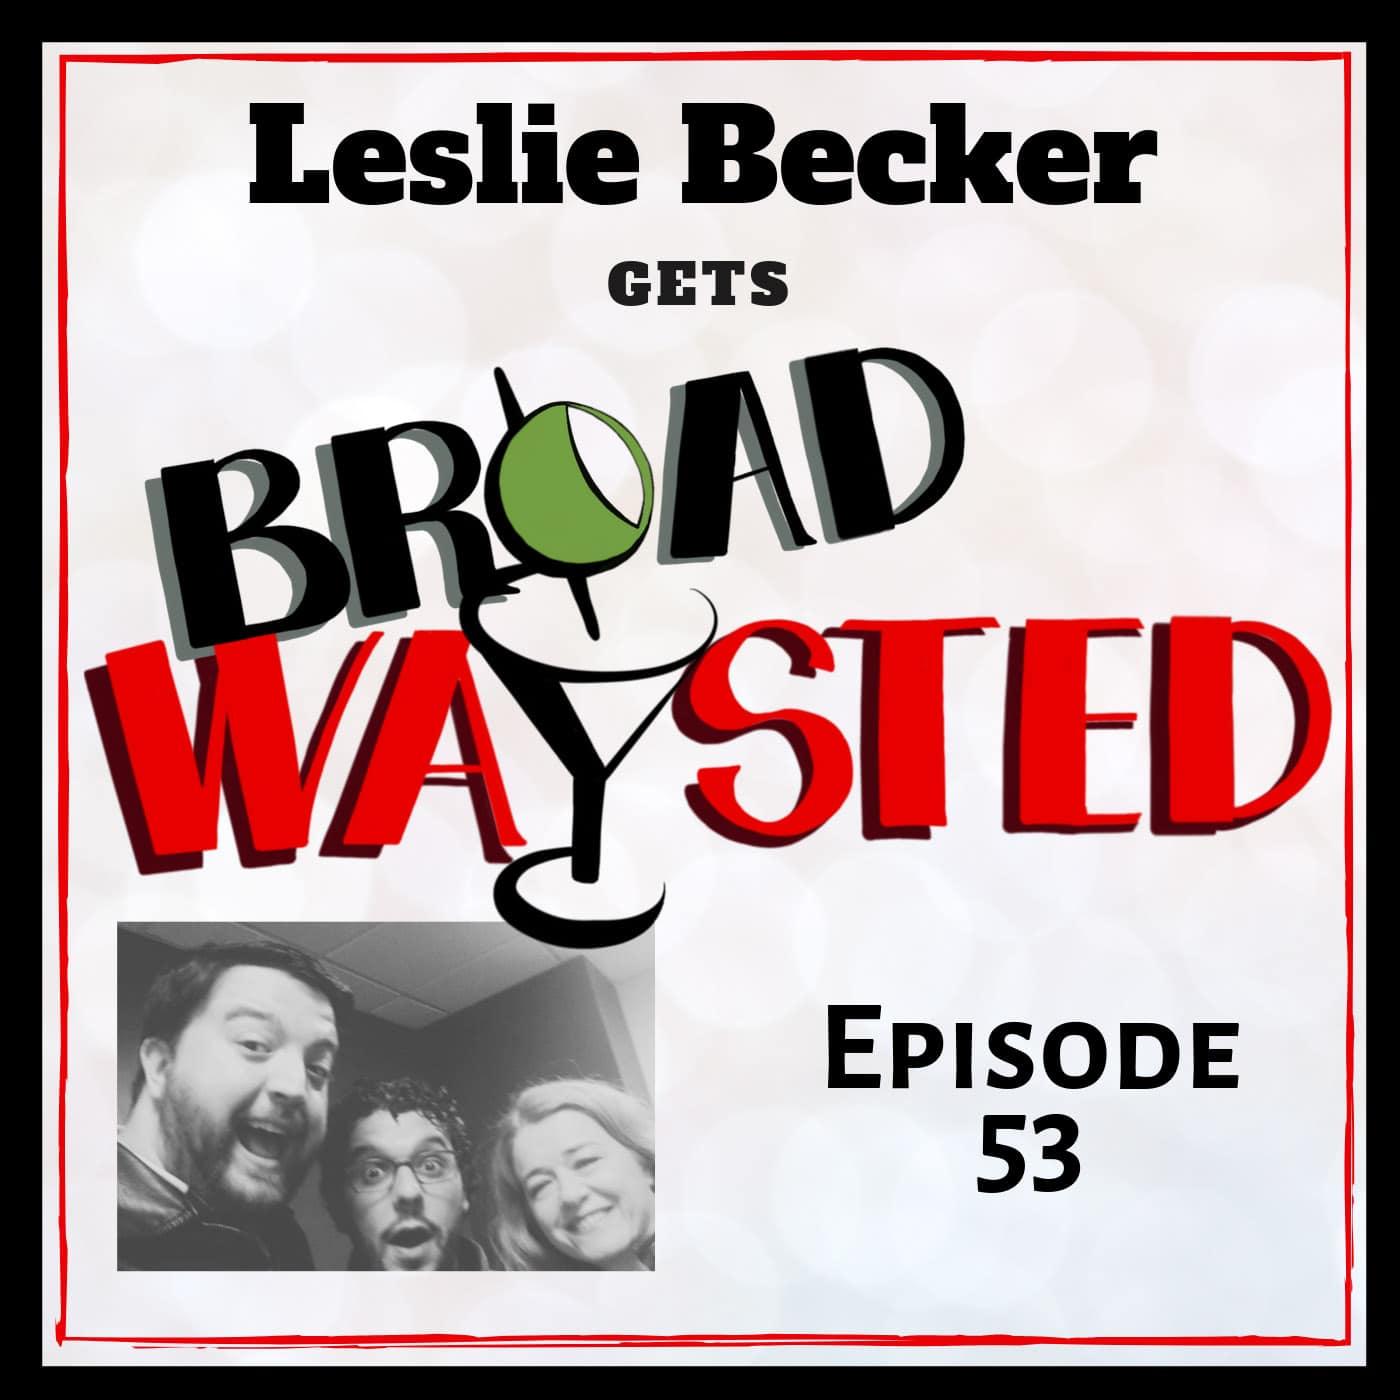 Broadwaysted Ep 53 Leslie Becker